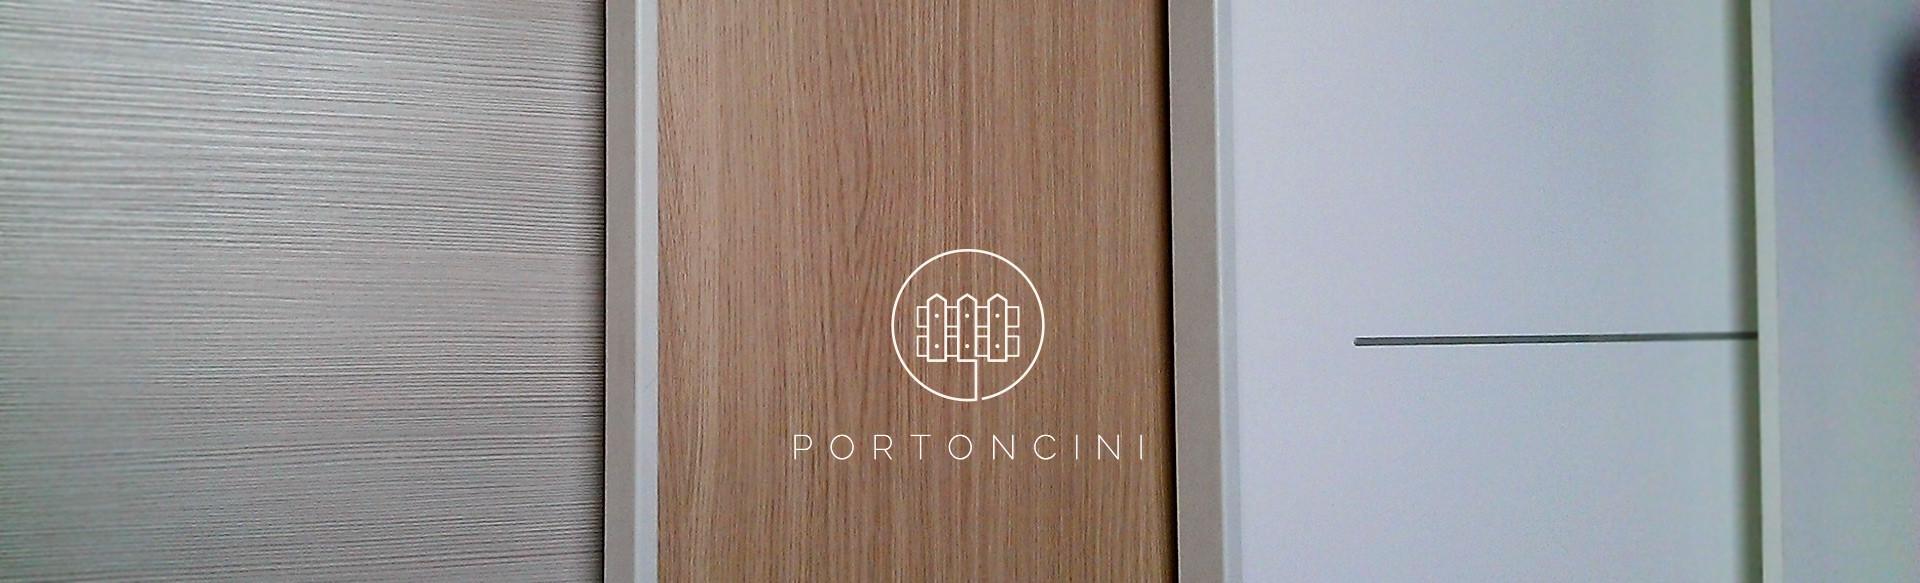 Sostituire Pannello Porta Blindata portoncini lodi - simoncelli nicola falegnameria